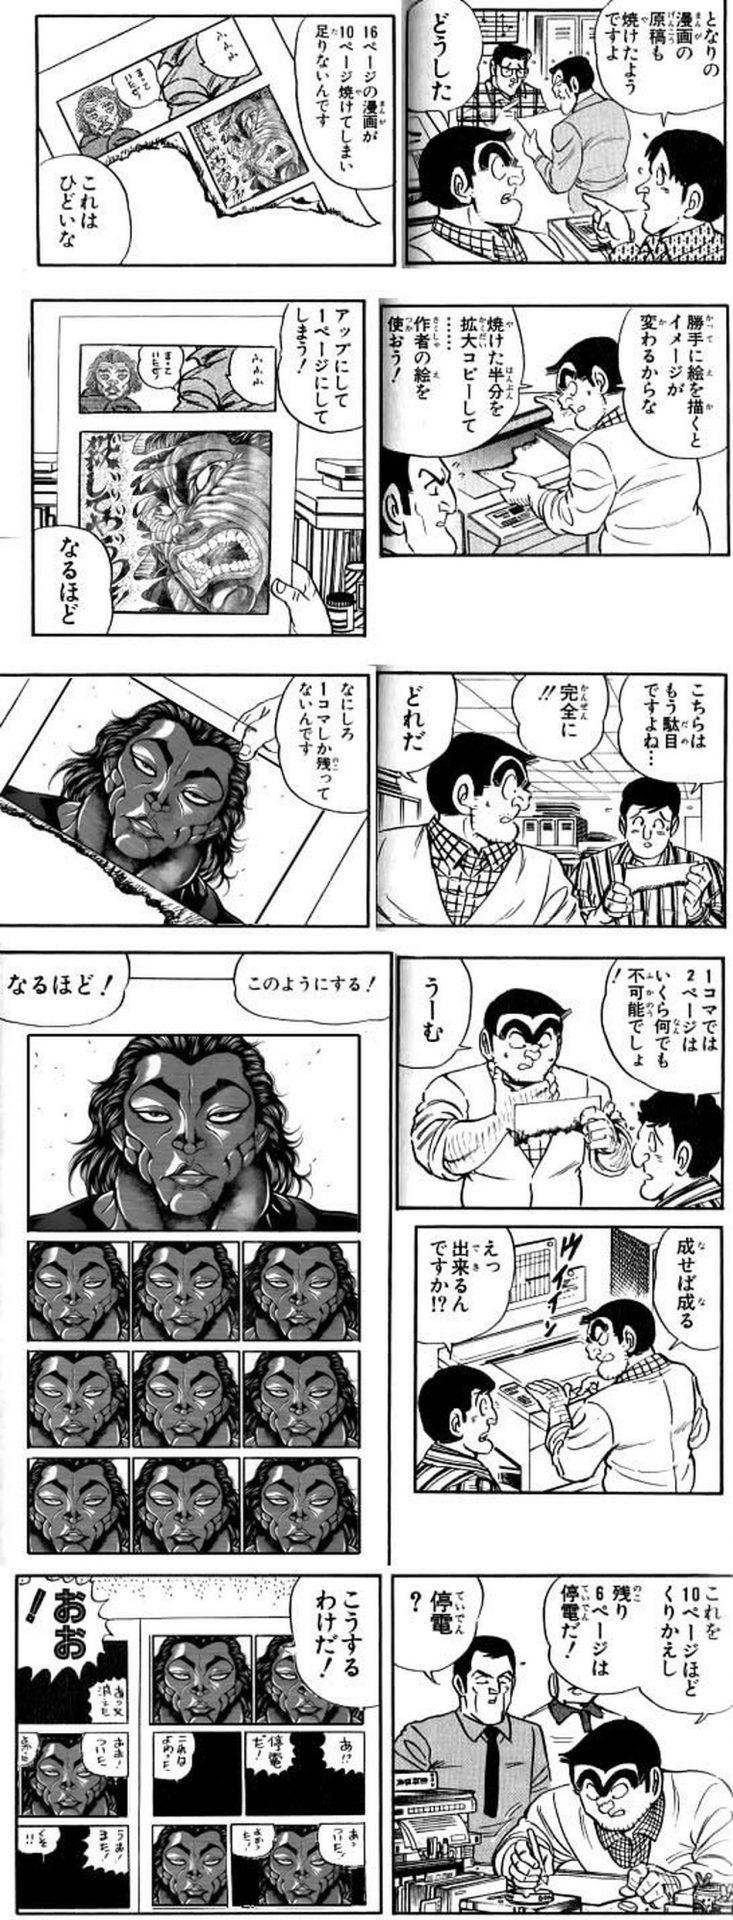 91201503 - 【腹筋崩壊】刃牙シリーズの面白いコラ画像まとめてみた!!